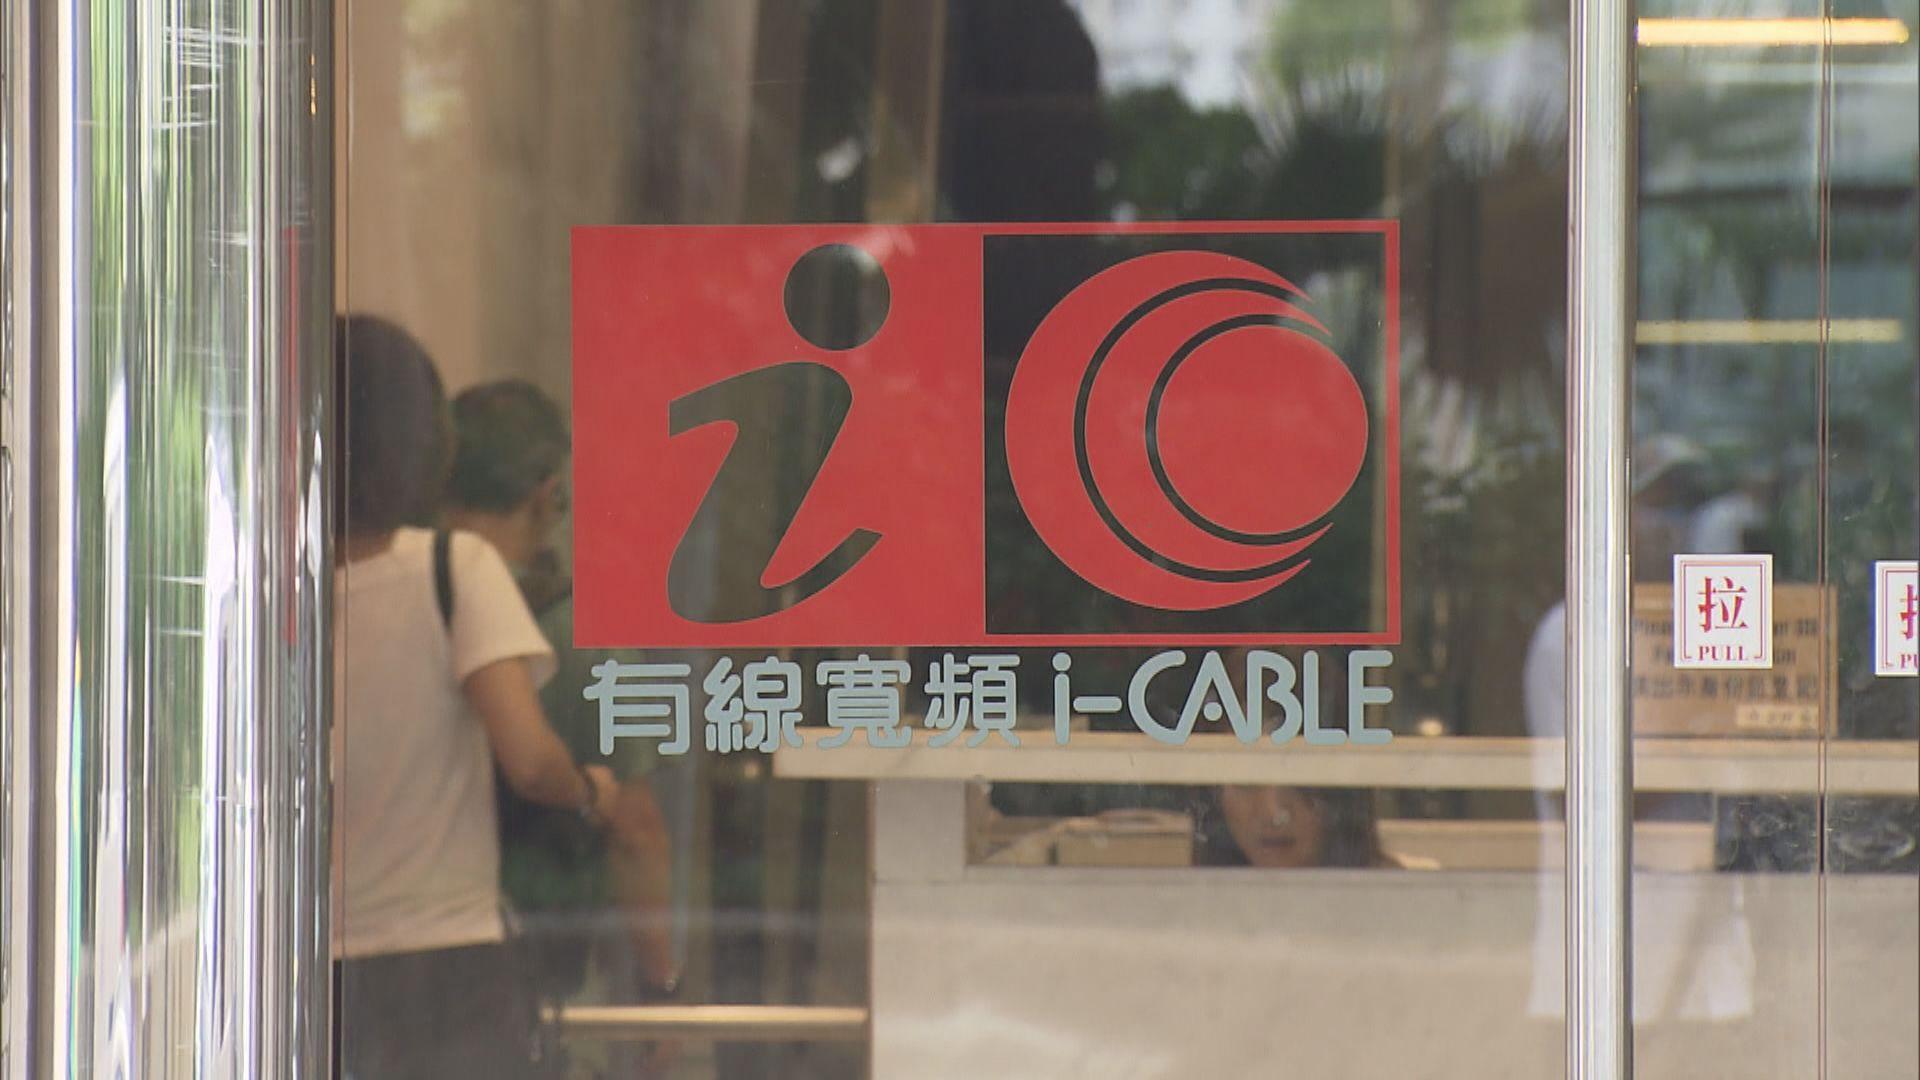 有線新聞約200人聯署對三名工程人員遭解僱表示憤怒